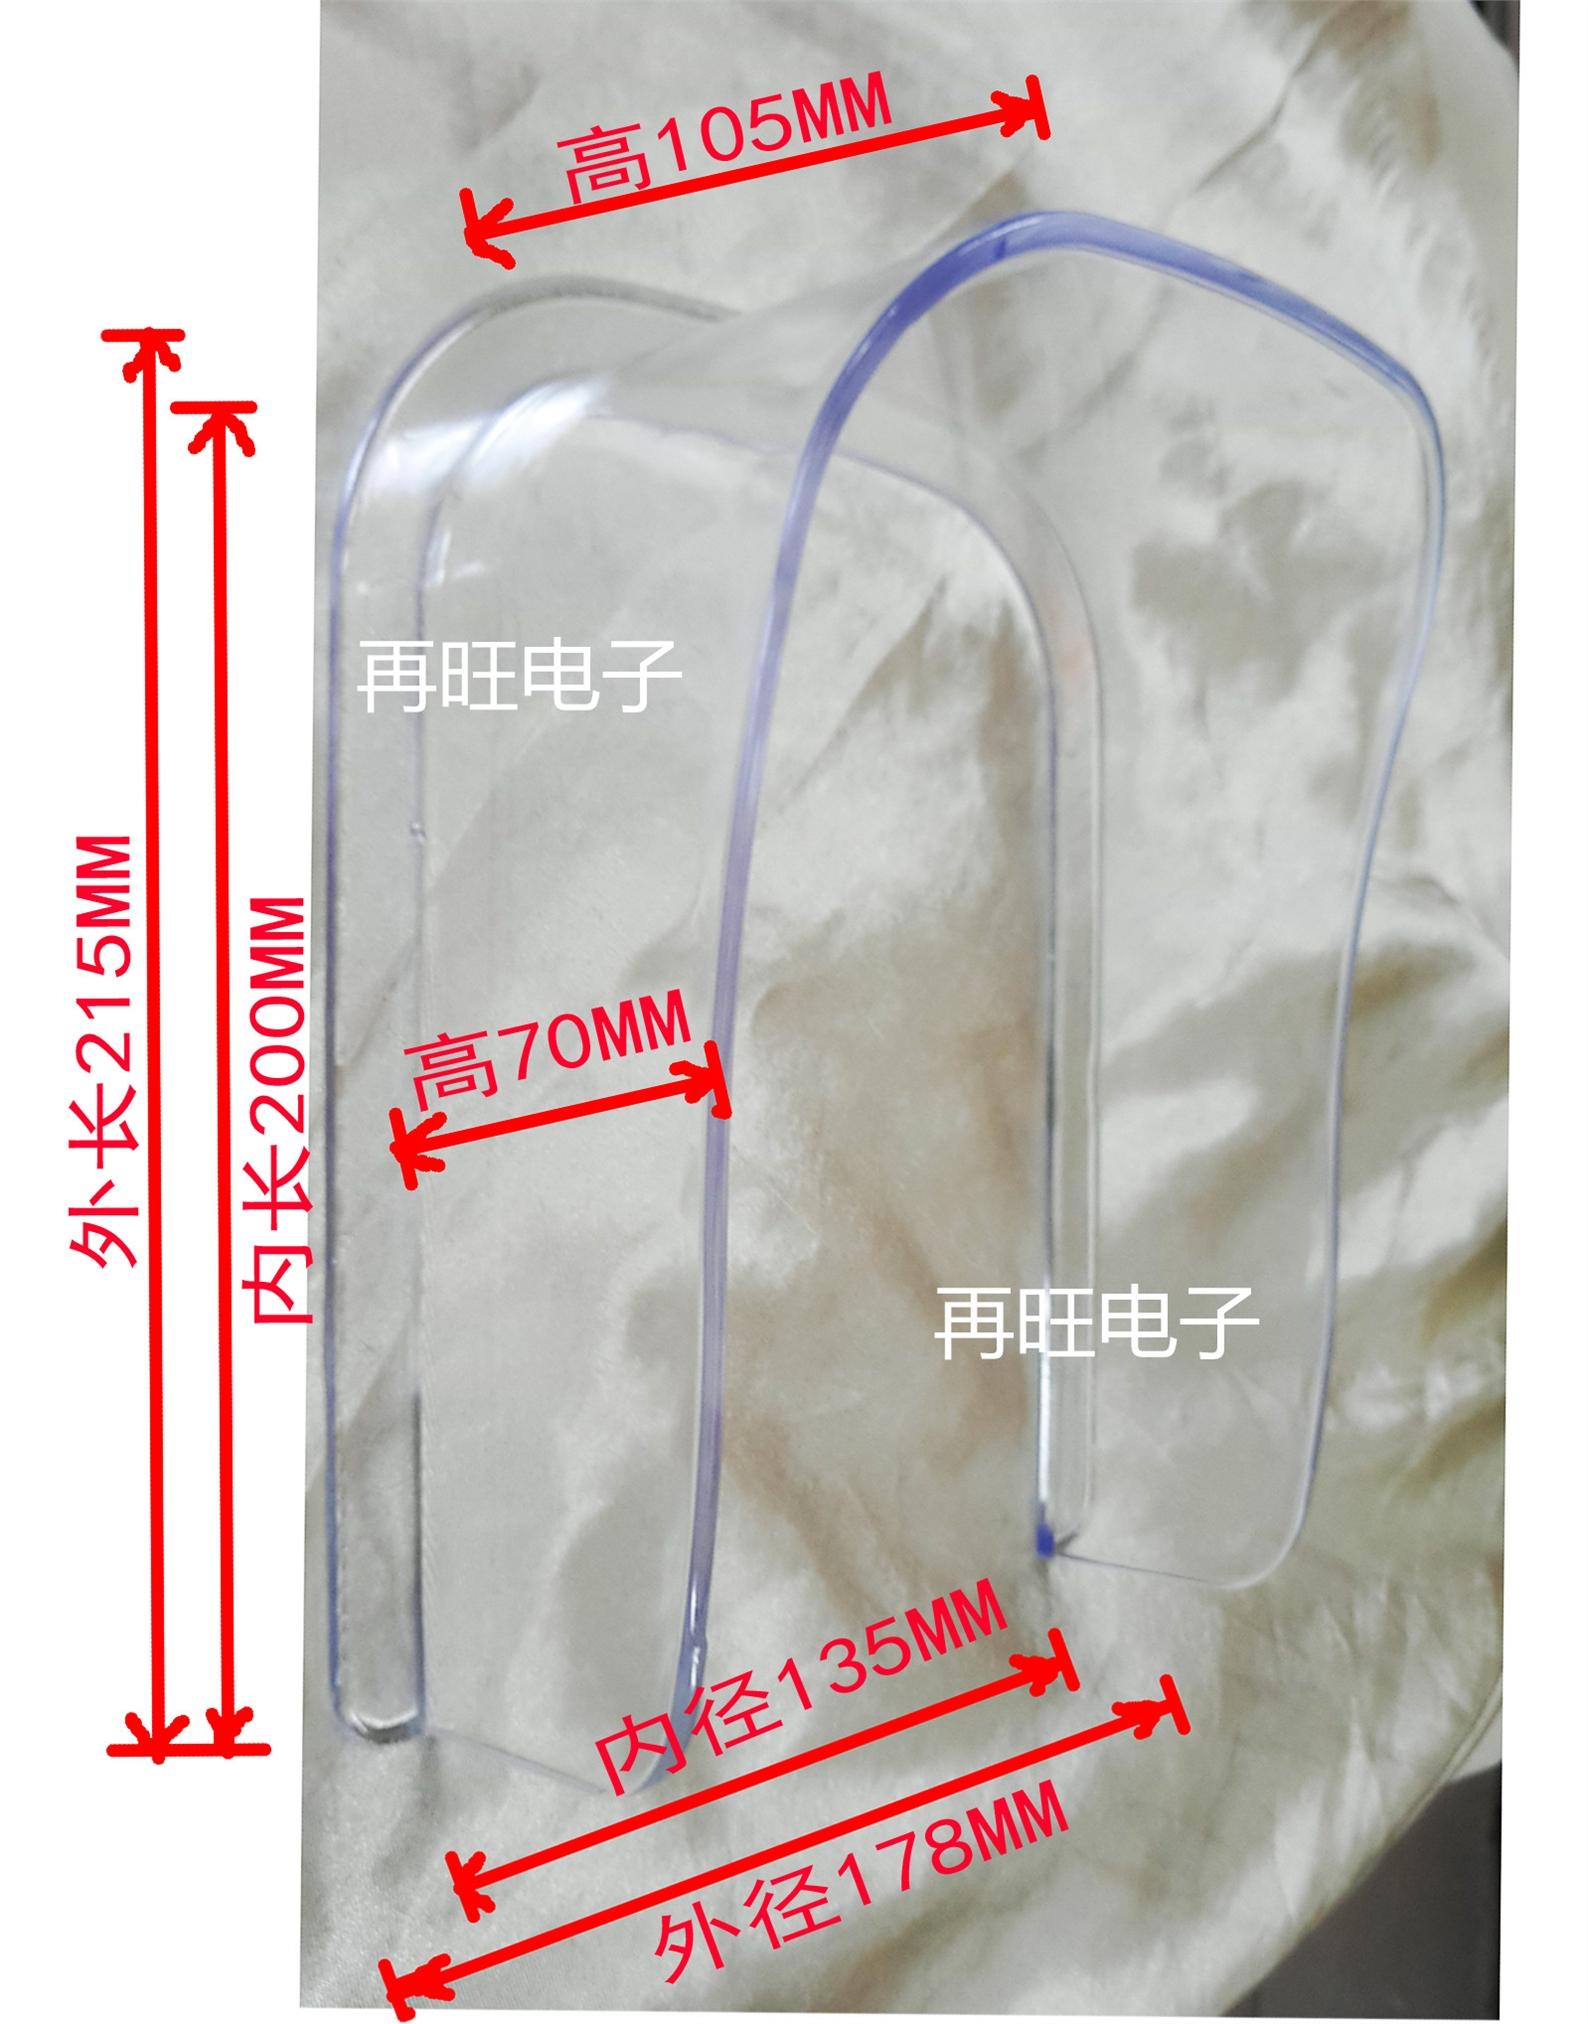 可视门铃防水罩挡雨盖考勤机防水罩门铃防雨罩门禁刷卡机现货